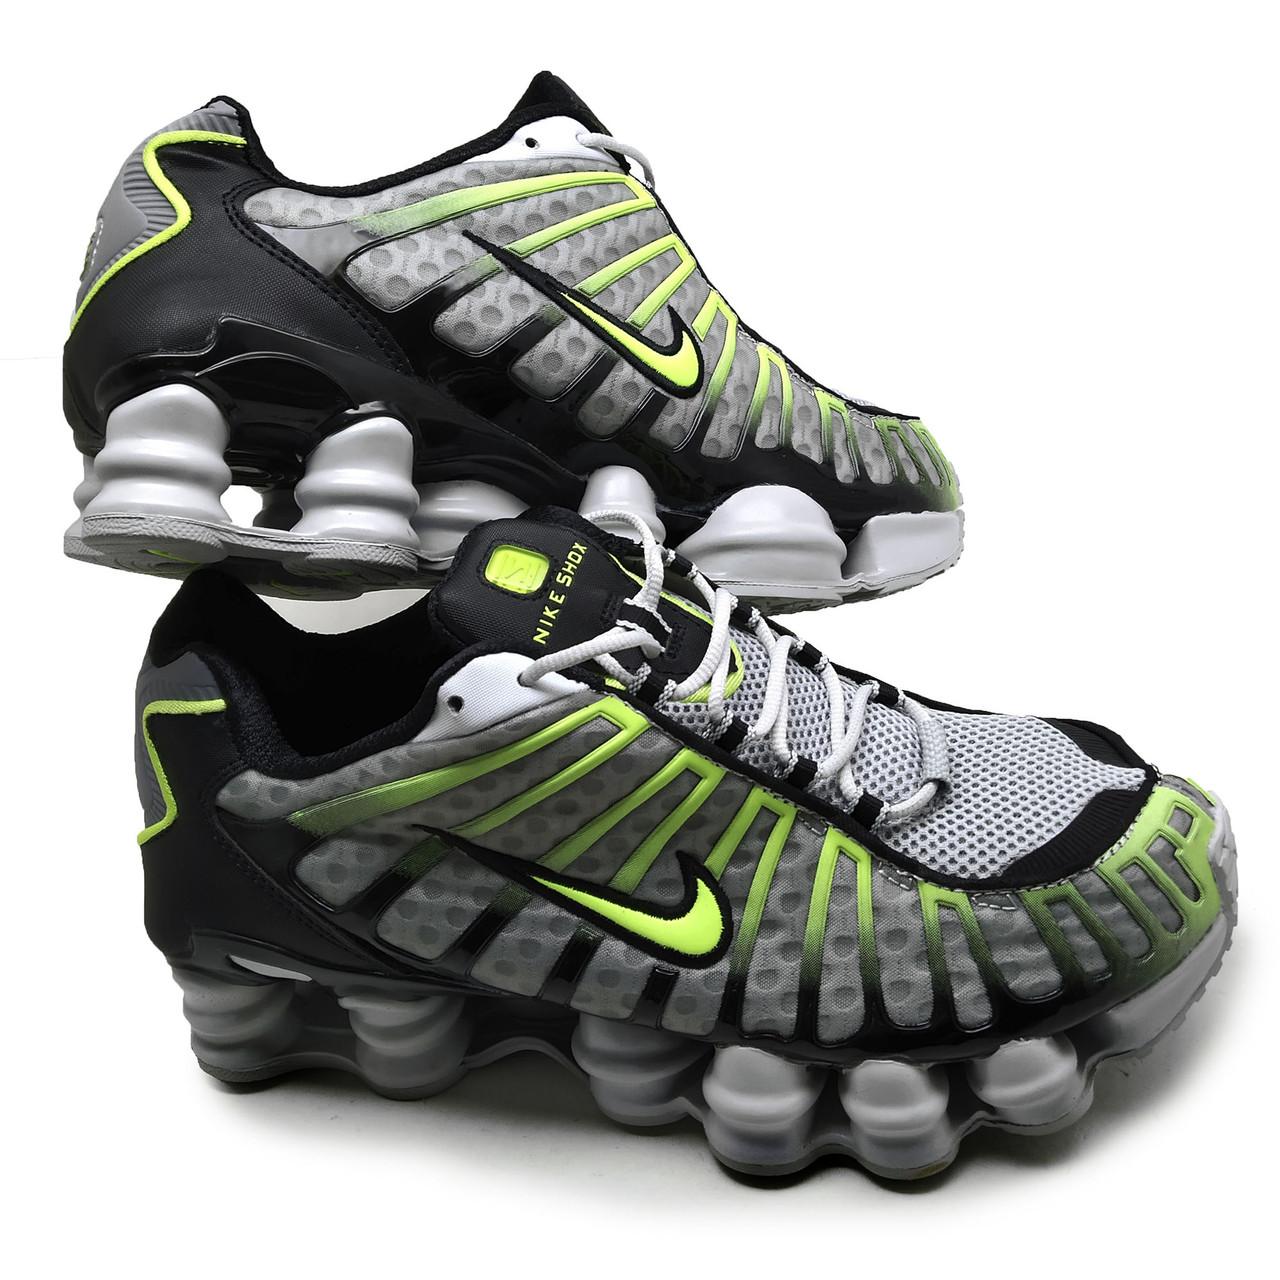 Кроссовки мужские серо-салатовые сетка похожие на Nike SHOX